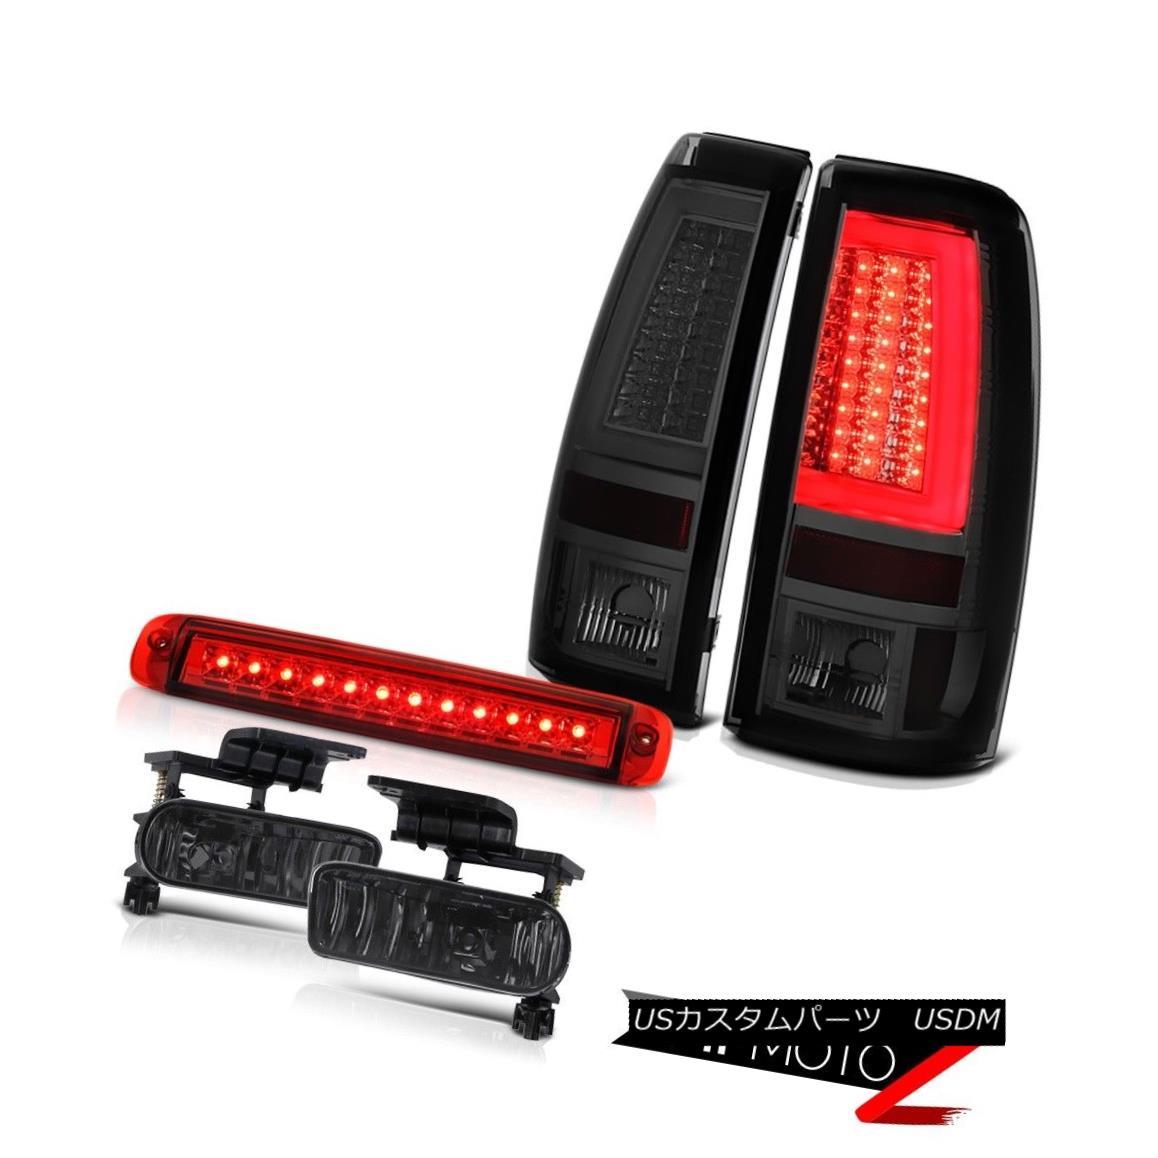 テールライト 99-02 Silverado 5.3L Smokey Tail Lamps Wine Red Roof Brake Light Foglamps LED 99-02 Silverado 5.3LスモーキーテールランプワインレッドルーフブレーキライトフォグランプLED